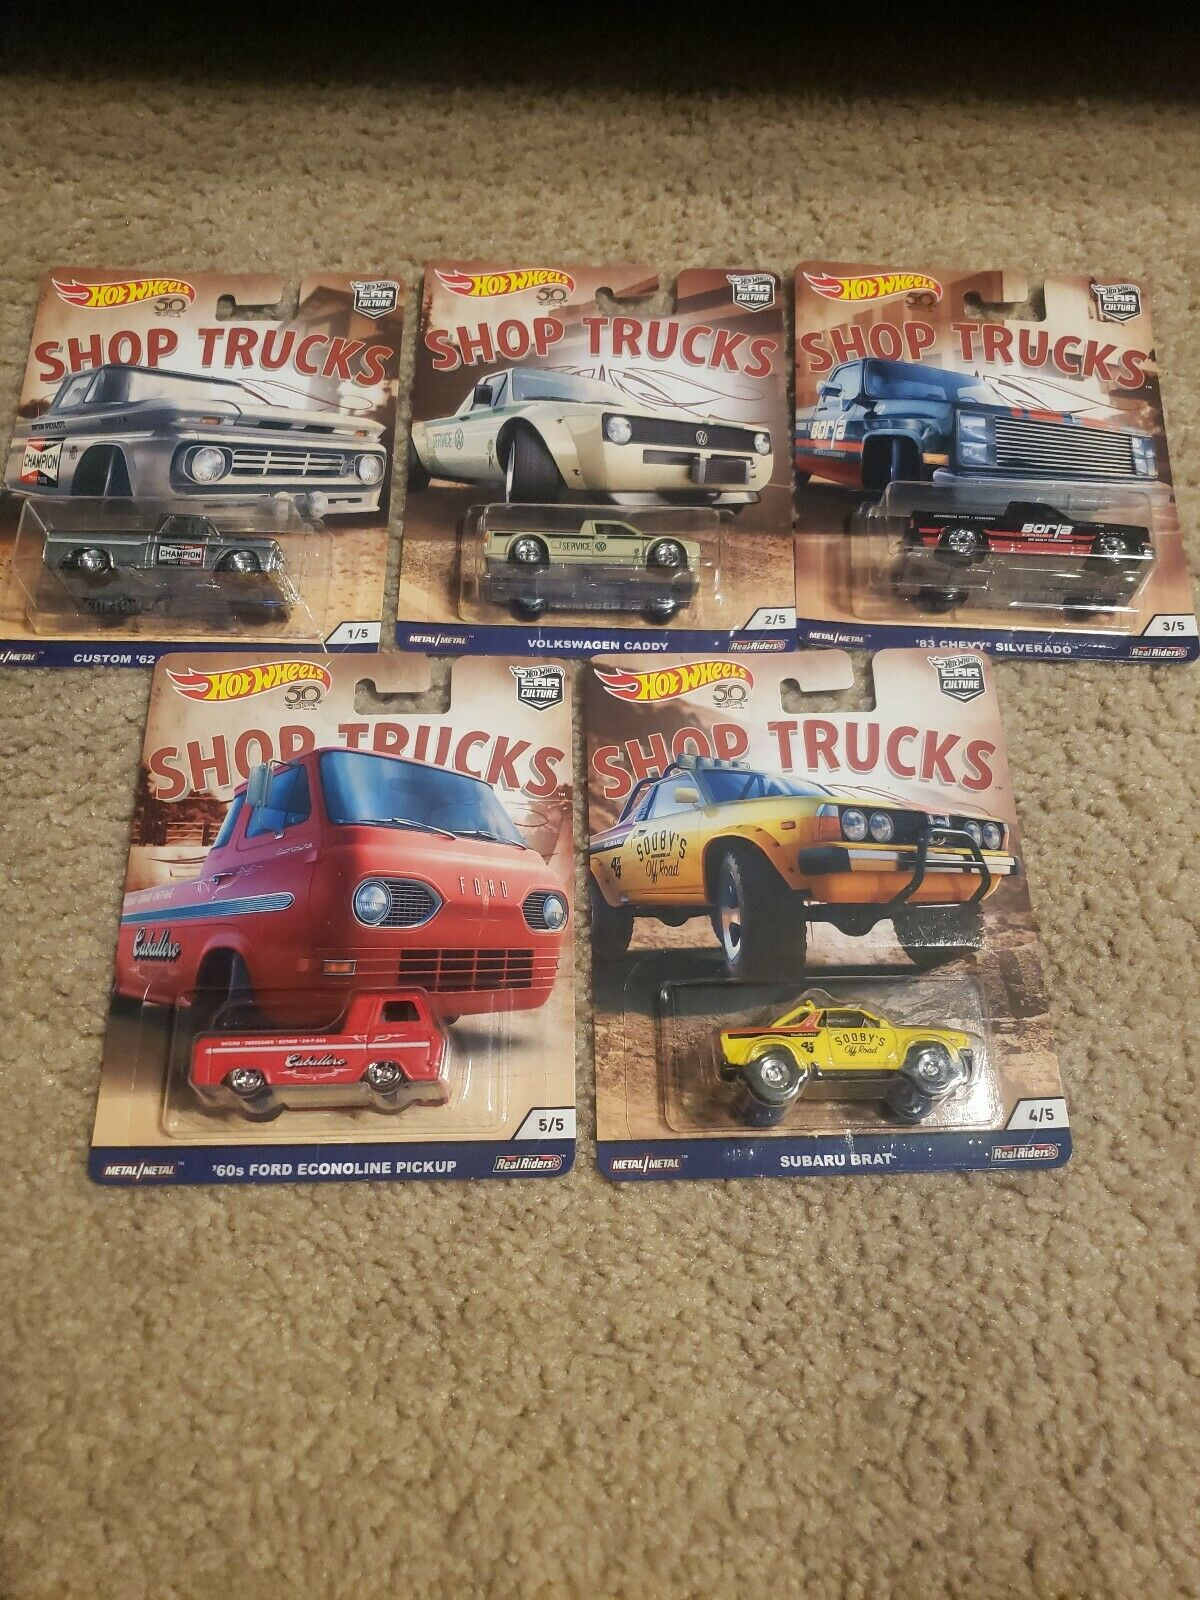 Hot wheels car culture shop trucks set